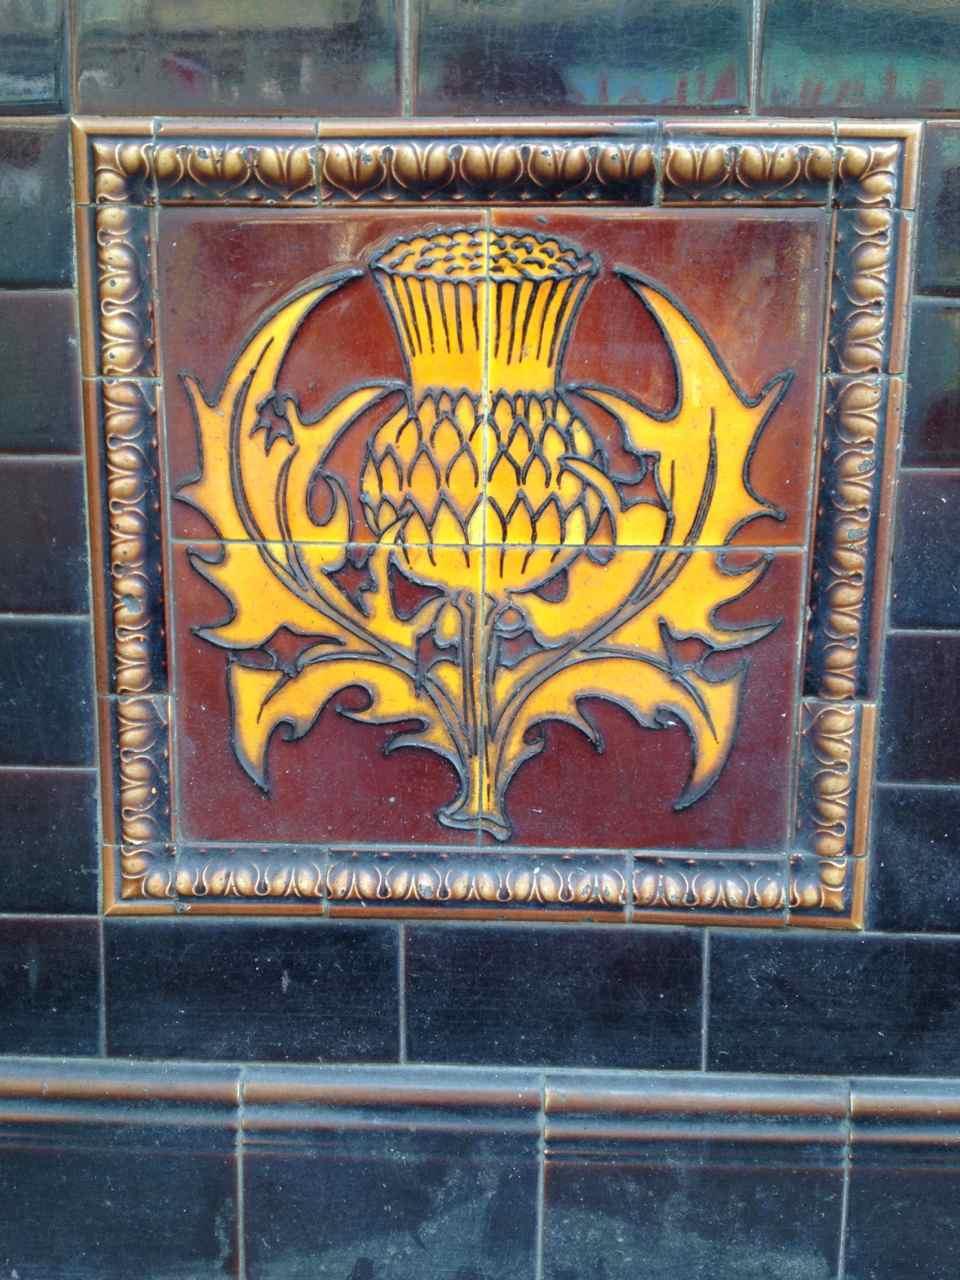 Antique thistle tile, in Brixton, London